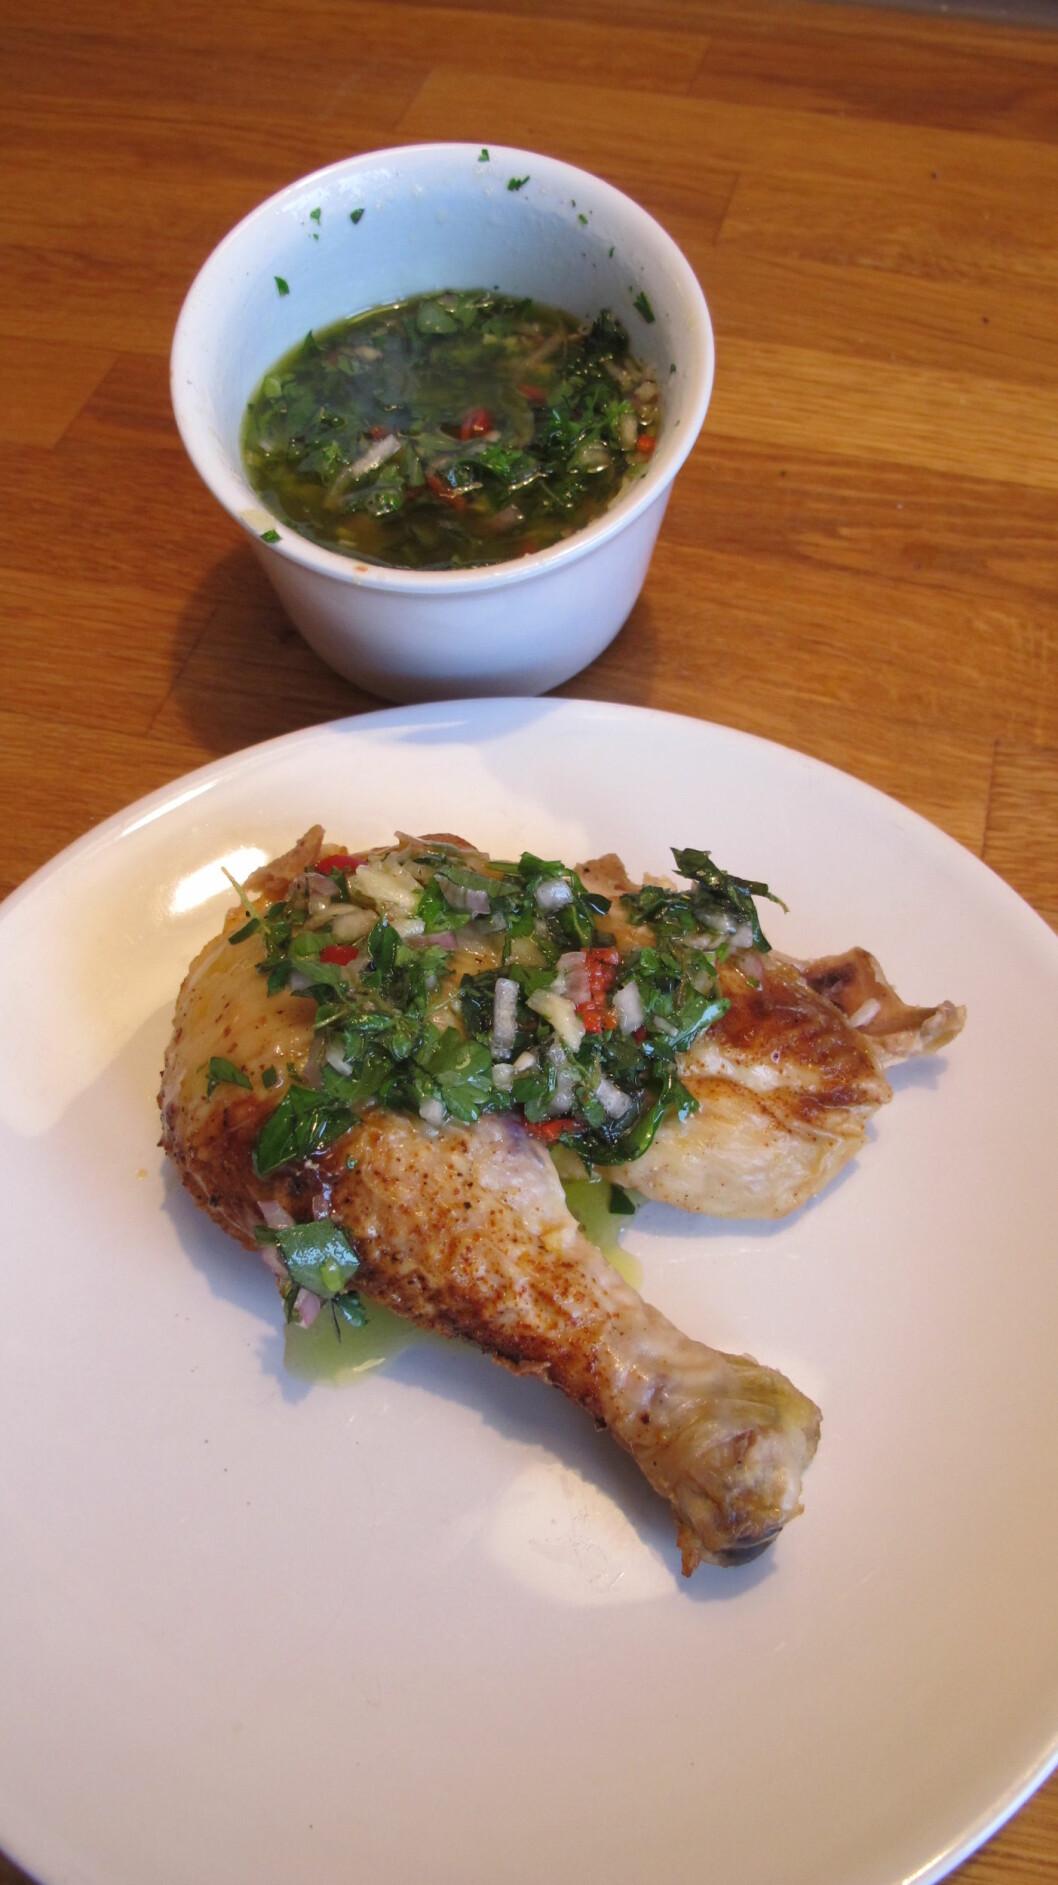 4. Vips, så er sausen ferdig! Smaker fortreffelig på kyllinglåret, biffen eller laksestykket. Foto: Stine Okkelmo